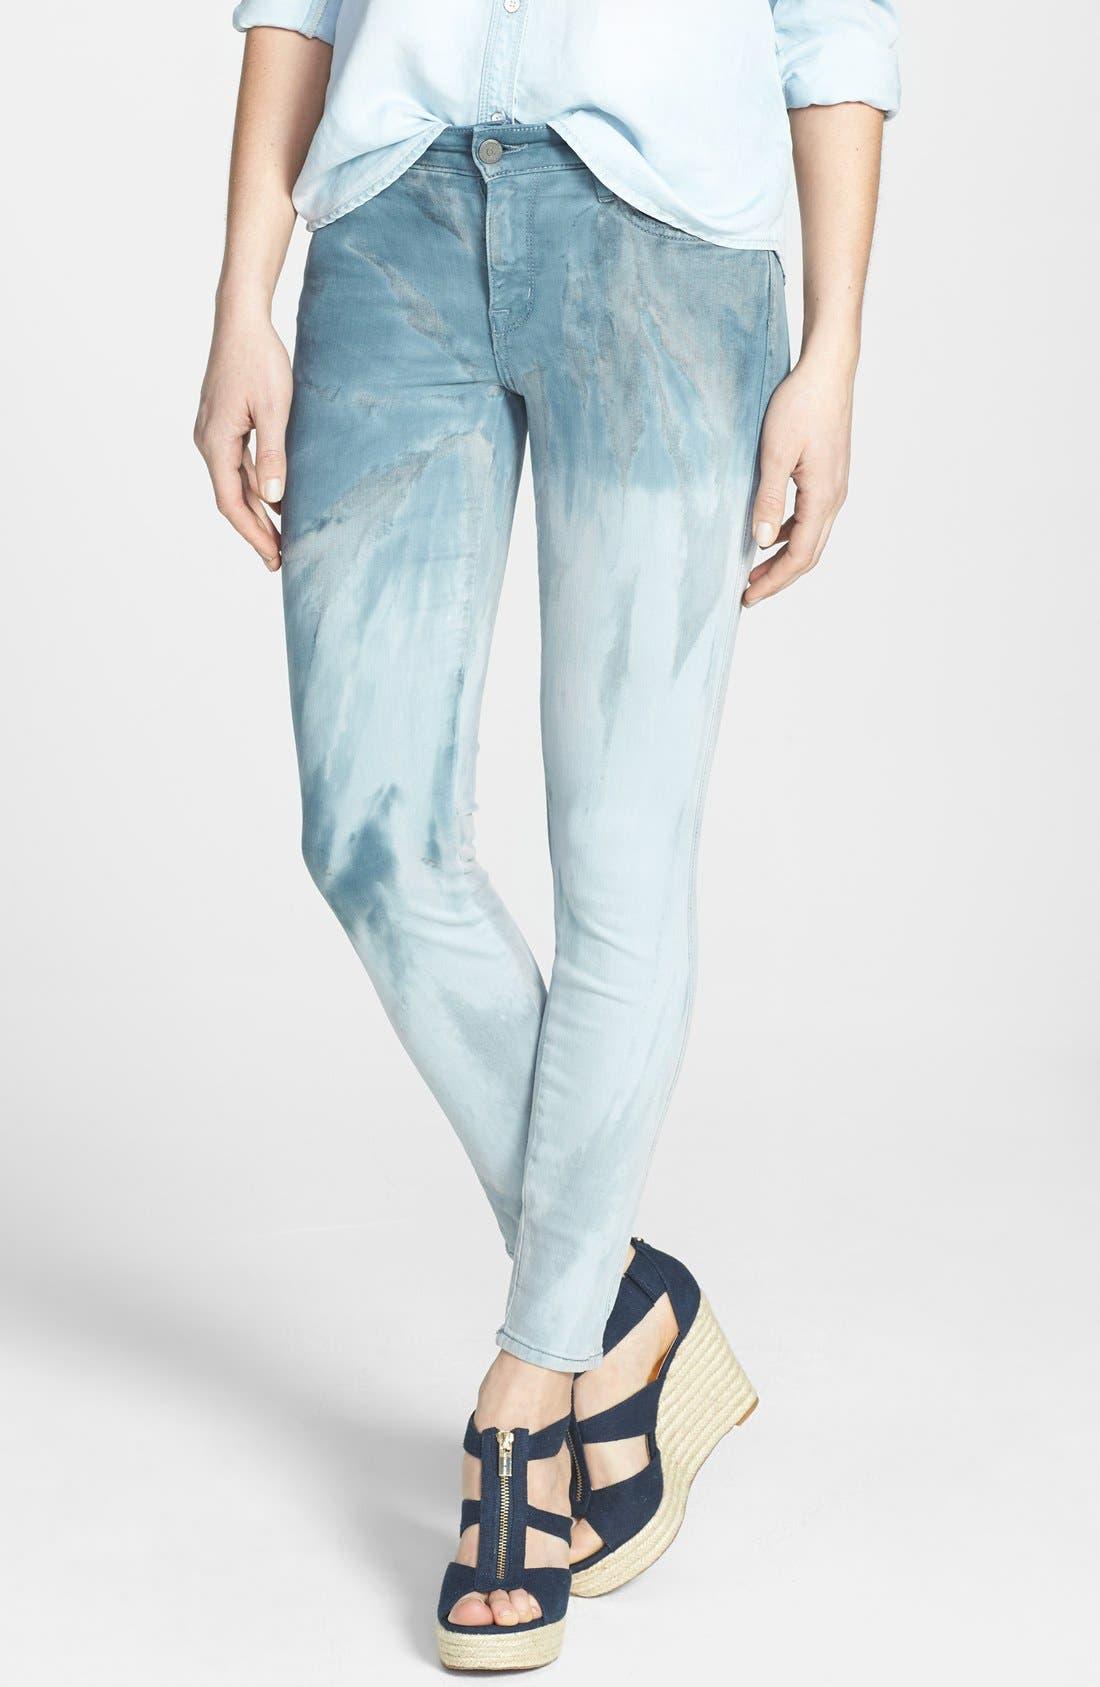 Main Image - CJ by Cookie Johnson 'Wisdom' Ombré Tie Dye Ankle Skinny Jeans (Ocean)